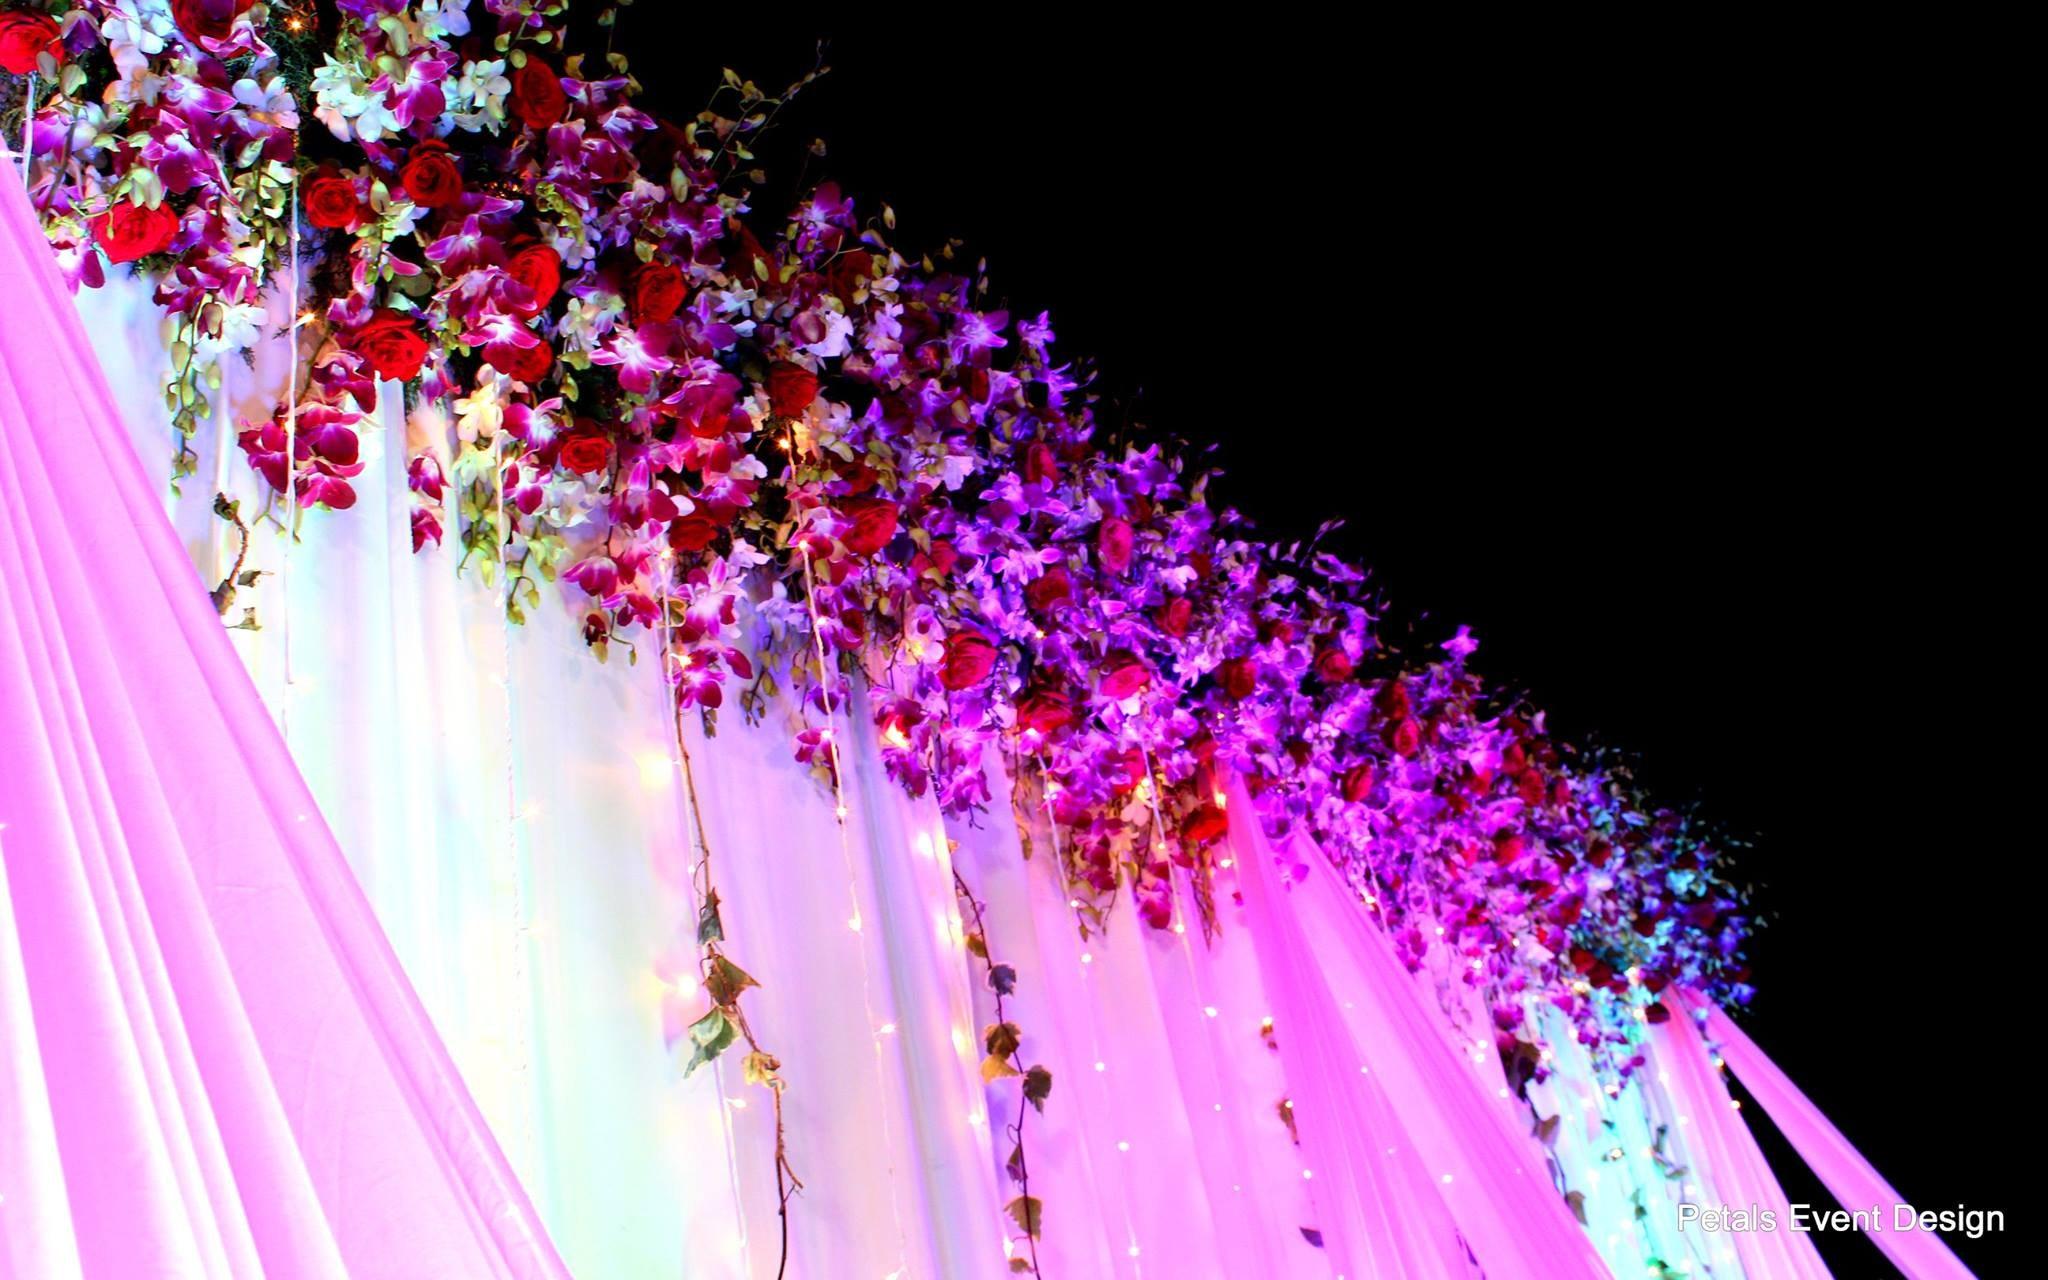 Portfolio - Petals Event Design